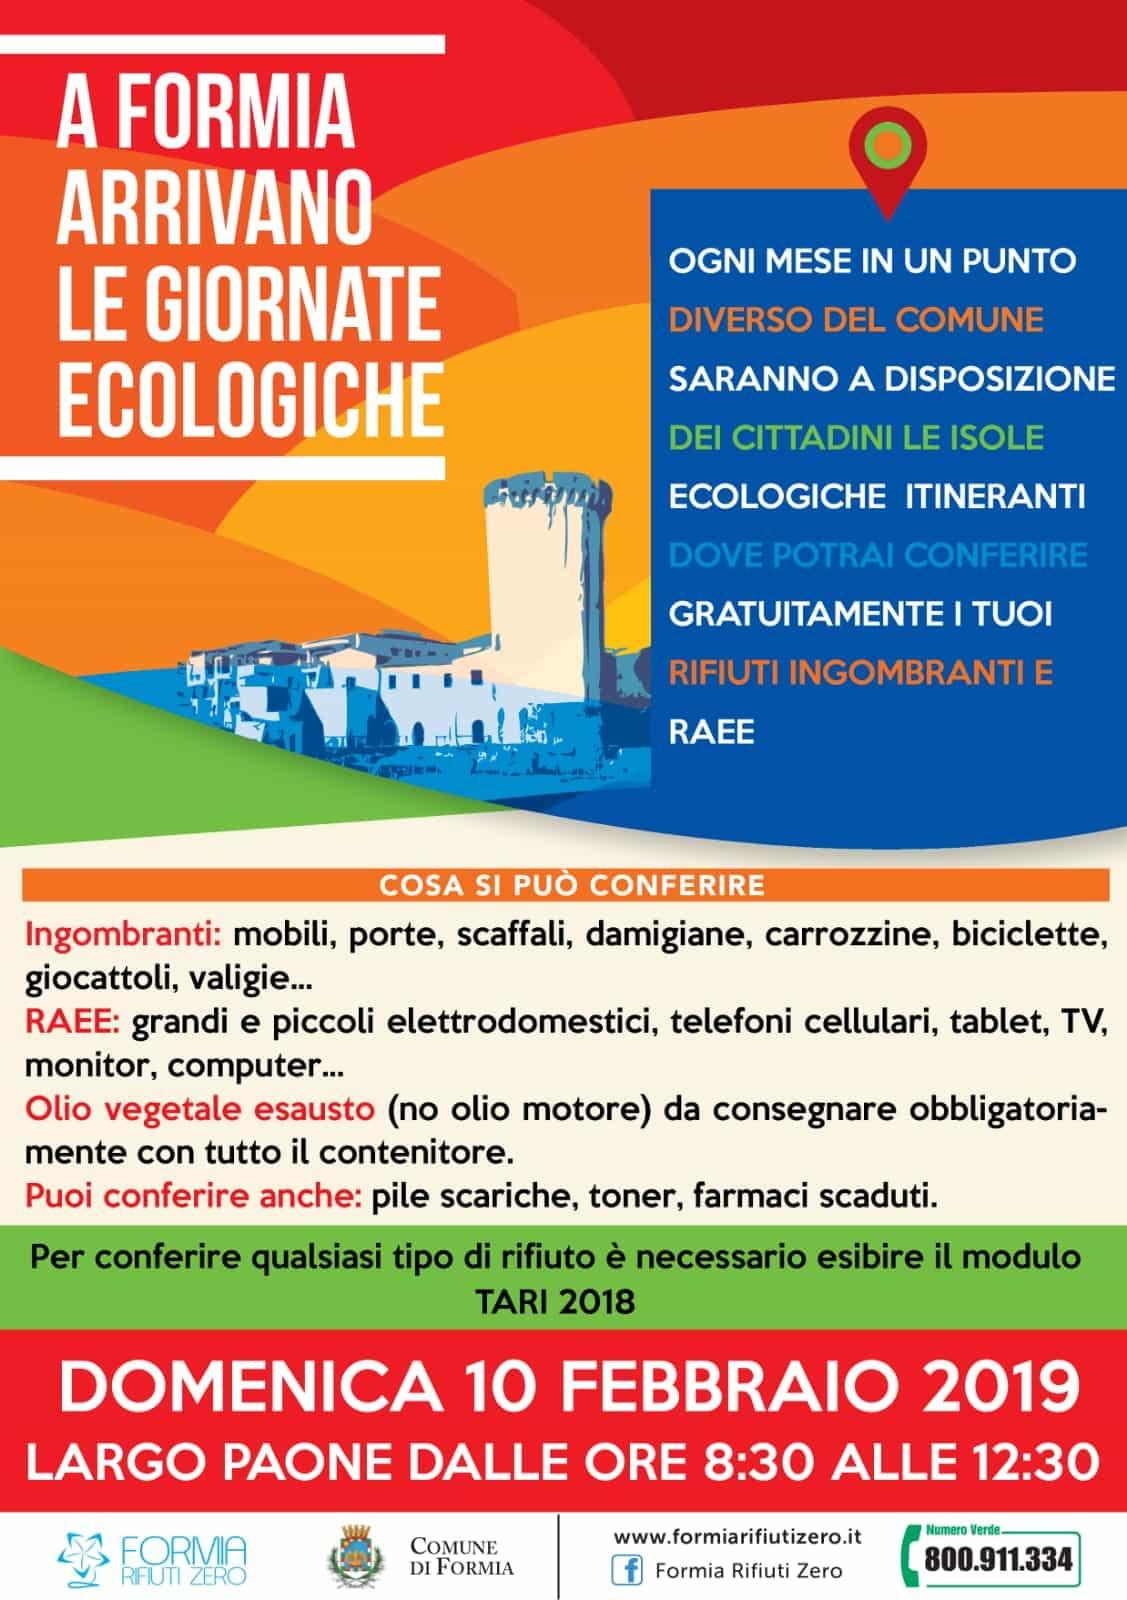 Raccolta Rifiuti Ingombranti Roma Calendario 2020.Formia Tornano Le Domeniche Ecologiche Isole Per I Rifiuti